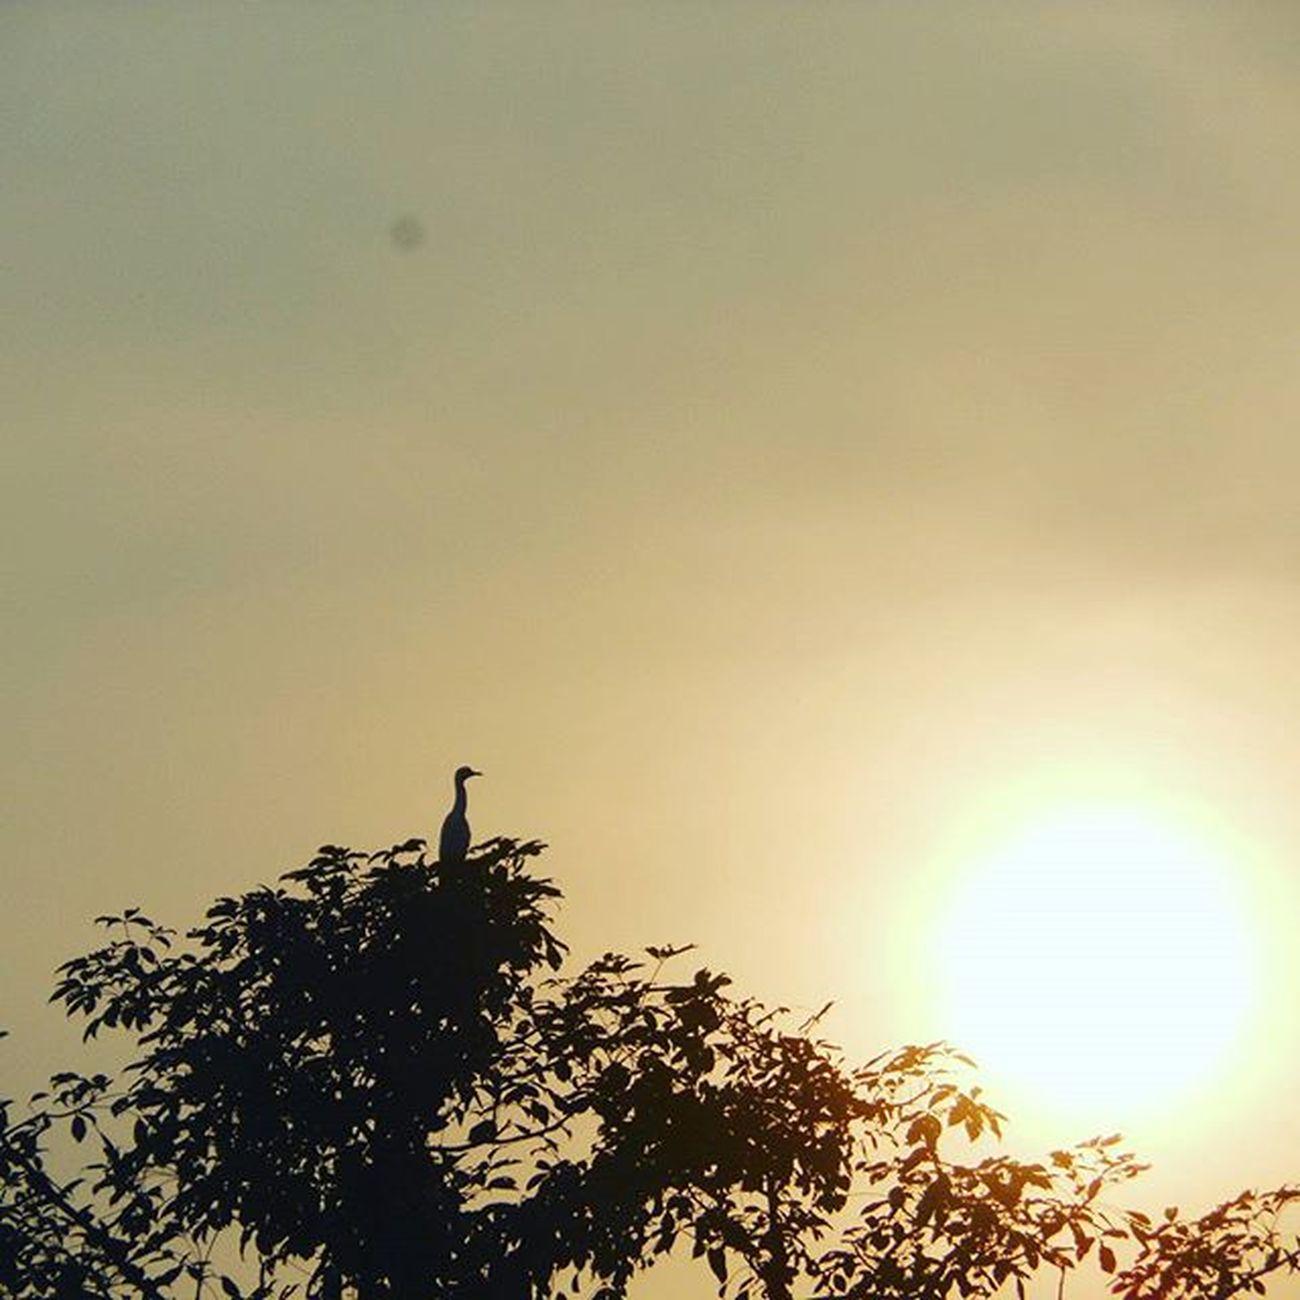 Just love this pic Cattleegret Ontopbranch Kharghar Birdwatching Nab Birds Sun Sillhouette Instadaily Instagood